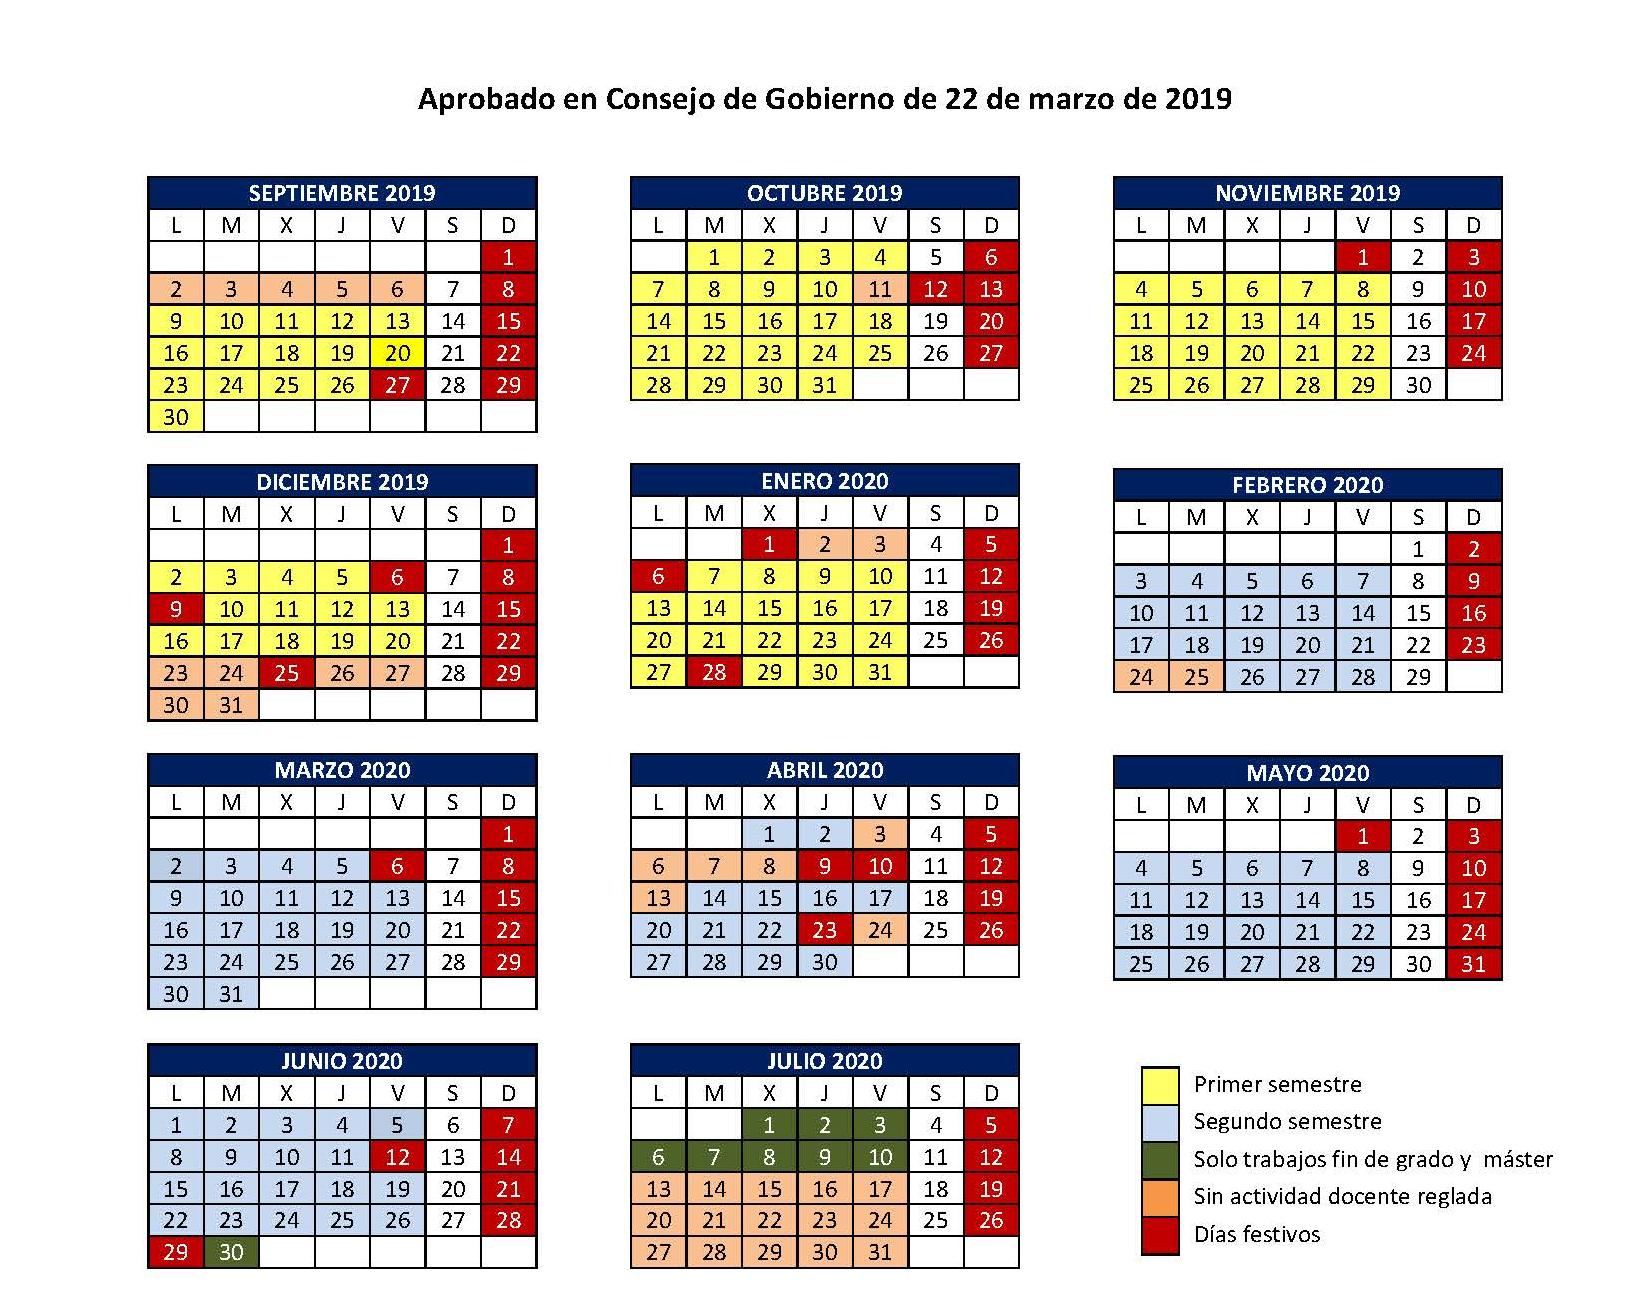 Calendario Del Ano 2020 En Espanol.Calendario Academico Del Curso 2019 2020 Universidad De Burgos